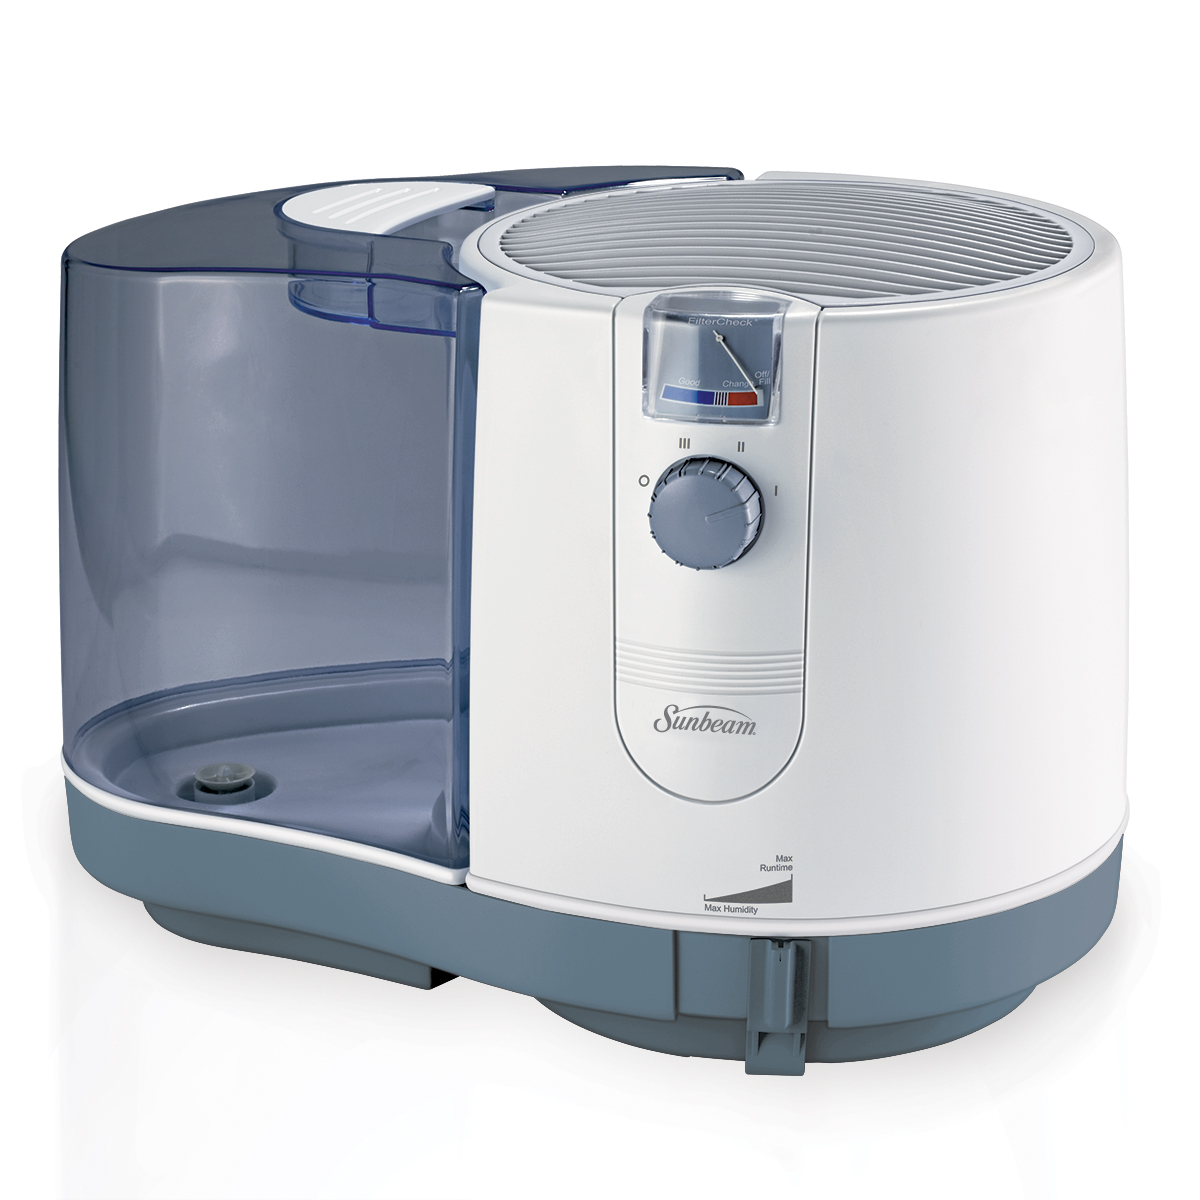 Walmart Humidifier No Filter sunbeam cool mist humidifier (scm1746-um) - walmart